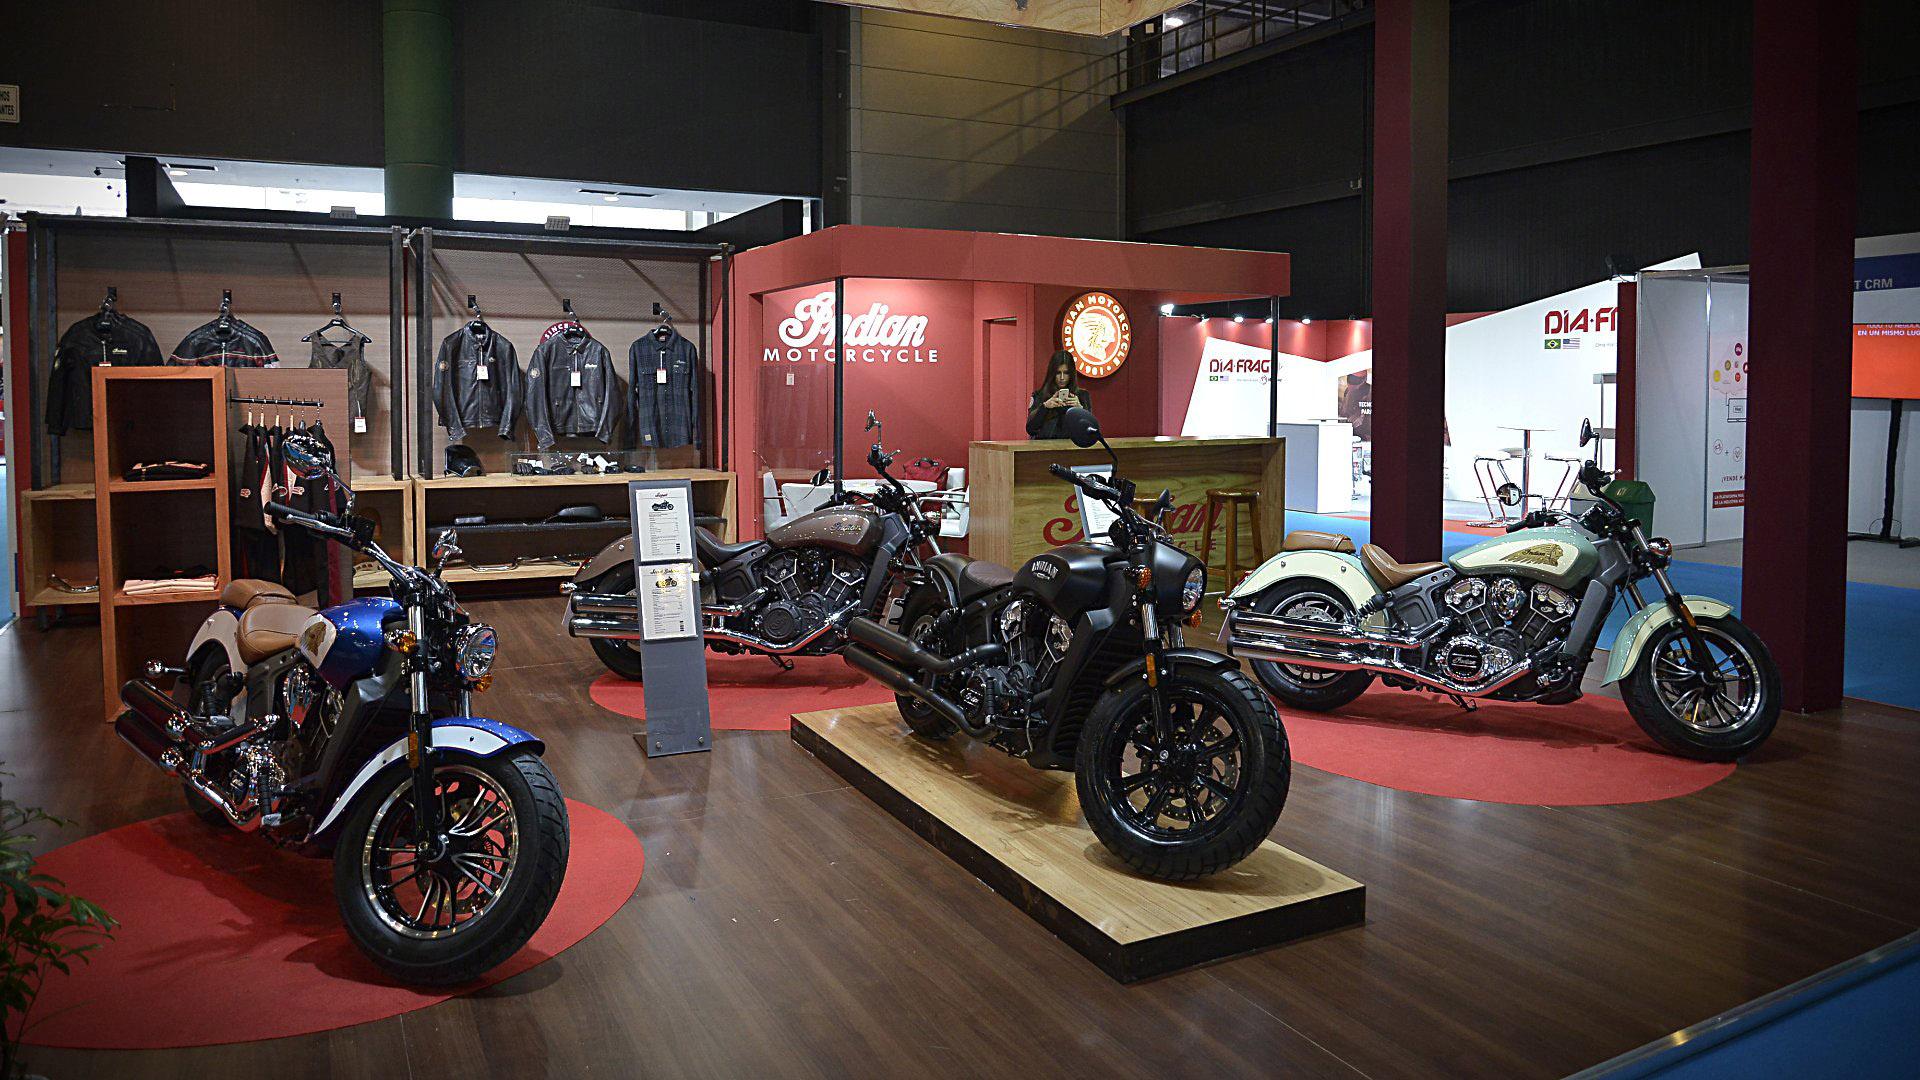 Las míticas motos Indian ocupan un stand en el Salón Moto consus modelos Scout Bobber y Sixty. Además venden merchandising relativo al culto de las motos